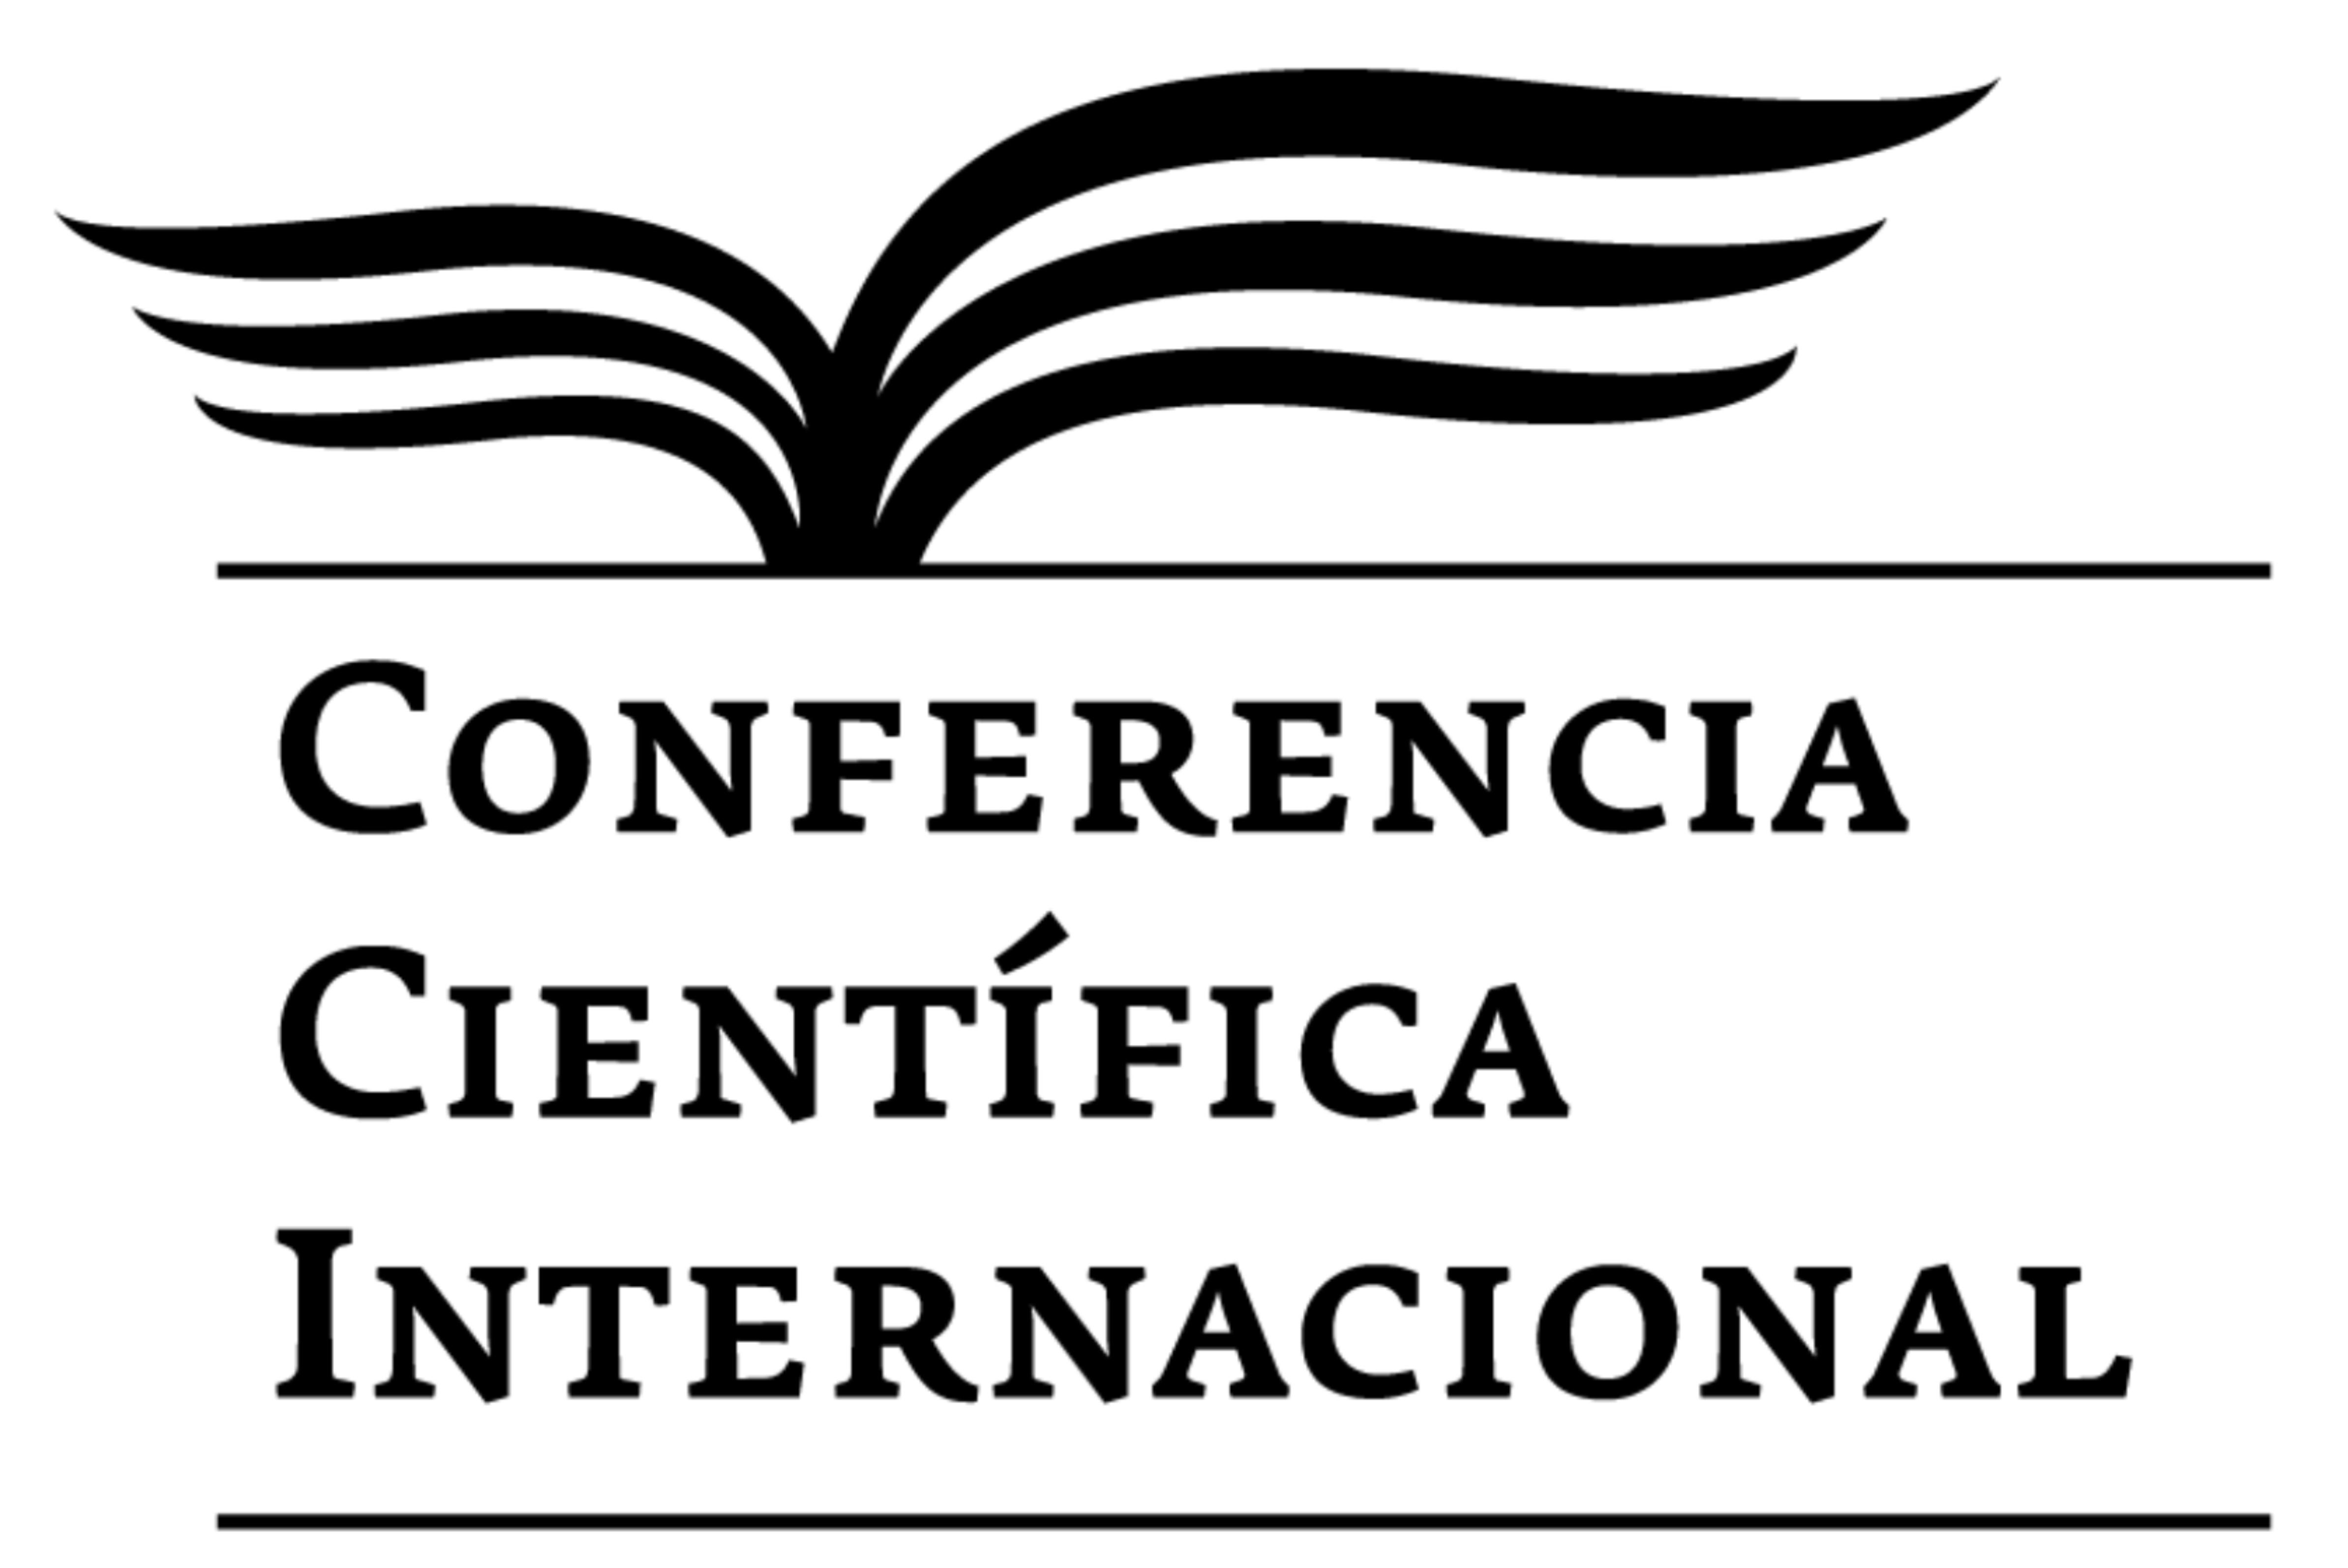 Conferencia Cientifica